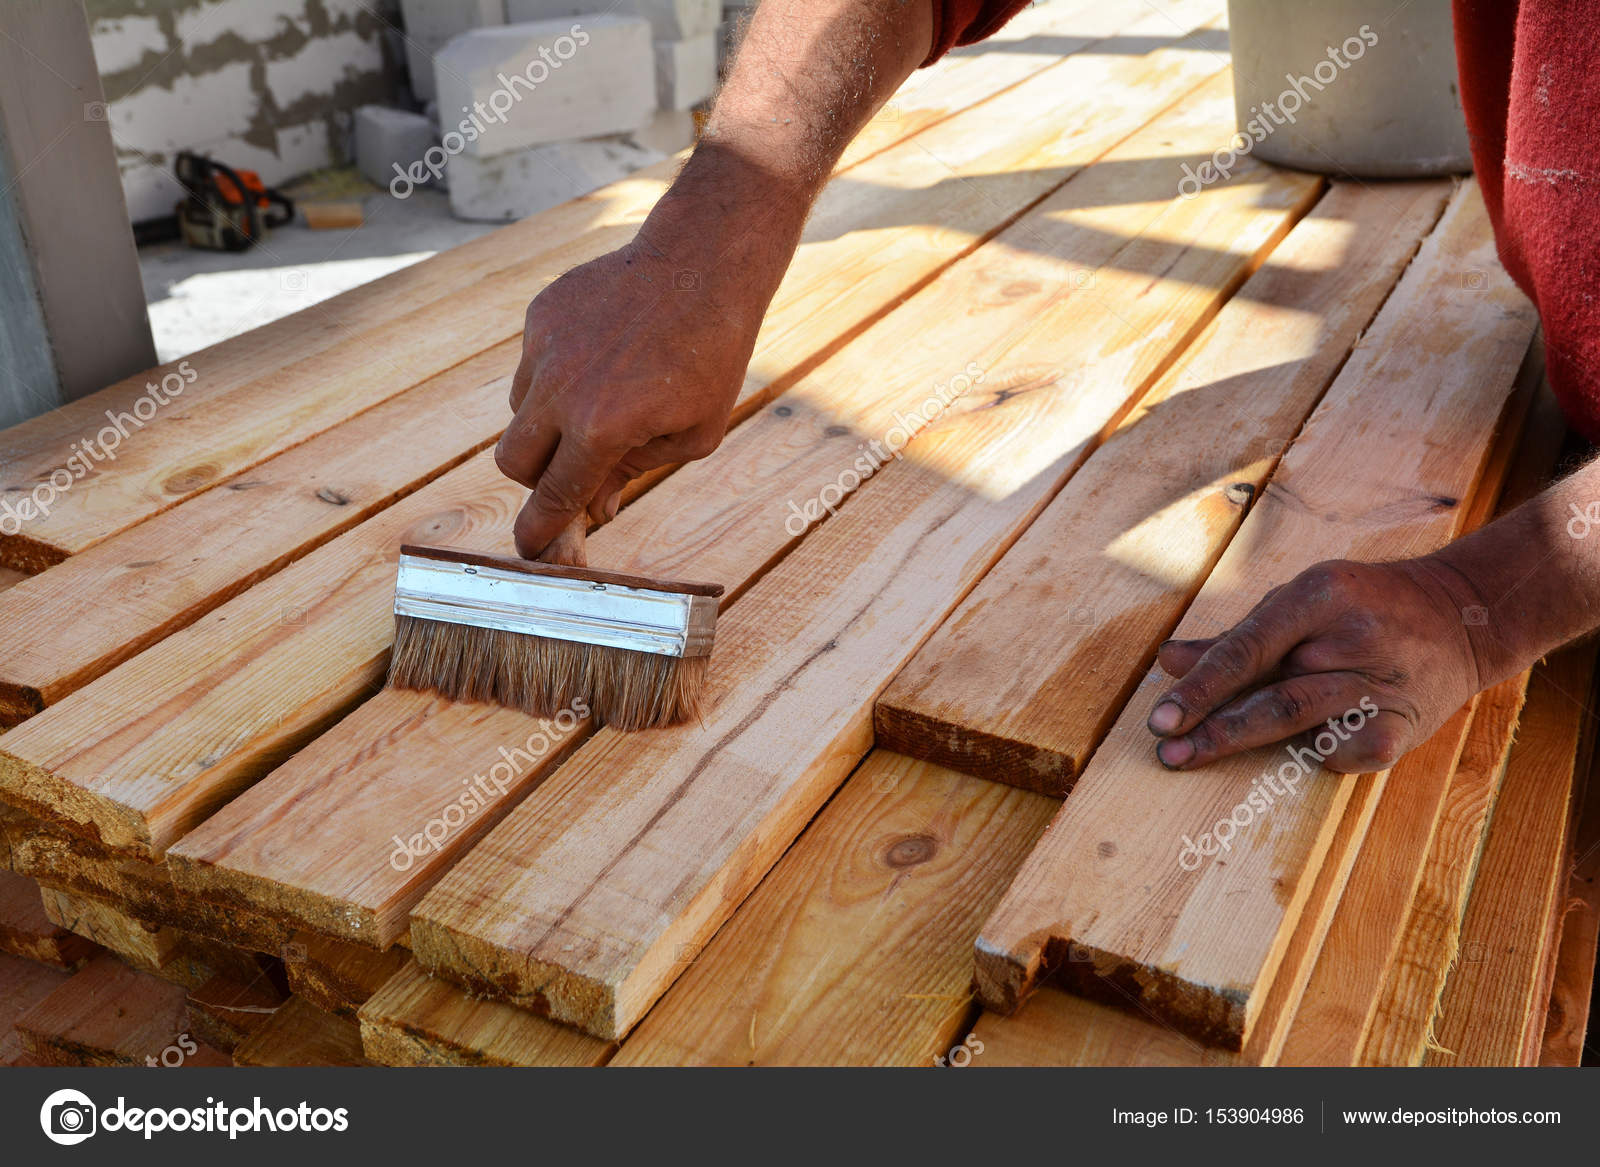 Bauarbeiter arbeitet mit Holzbalken. Die Arbeitskraft Bürsten die ...